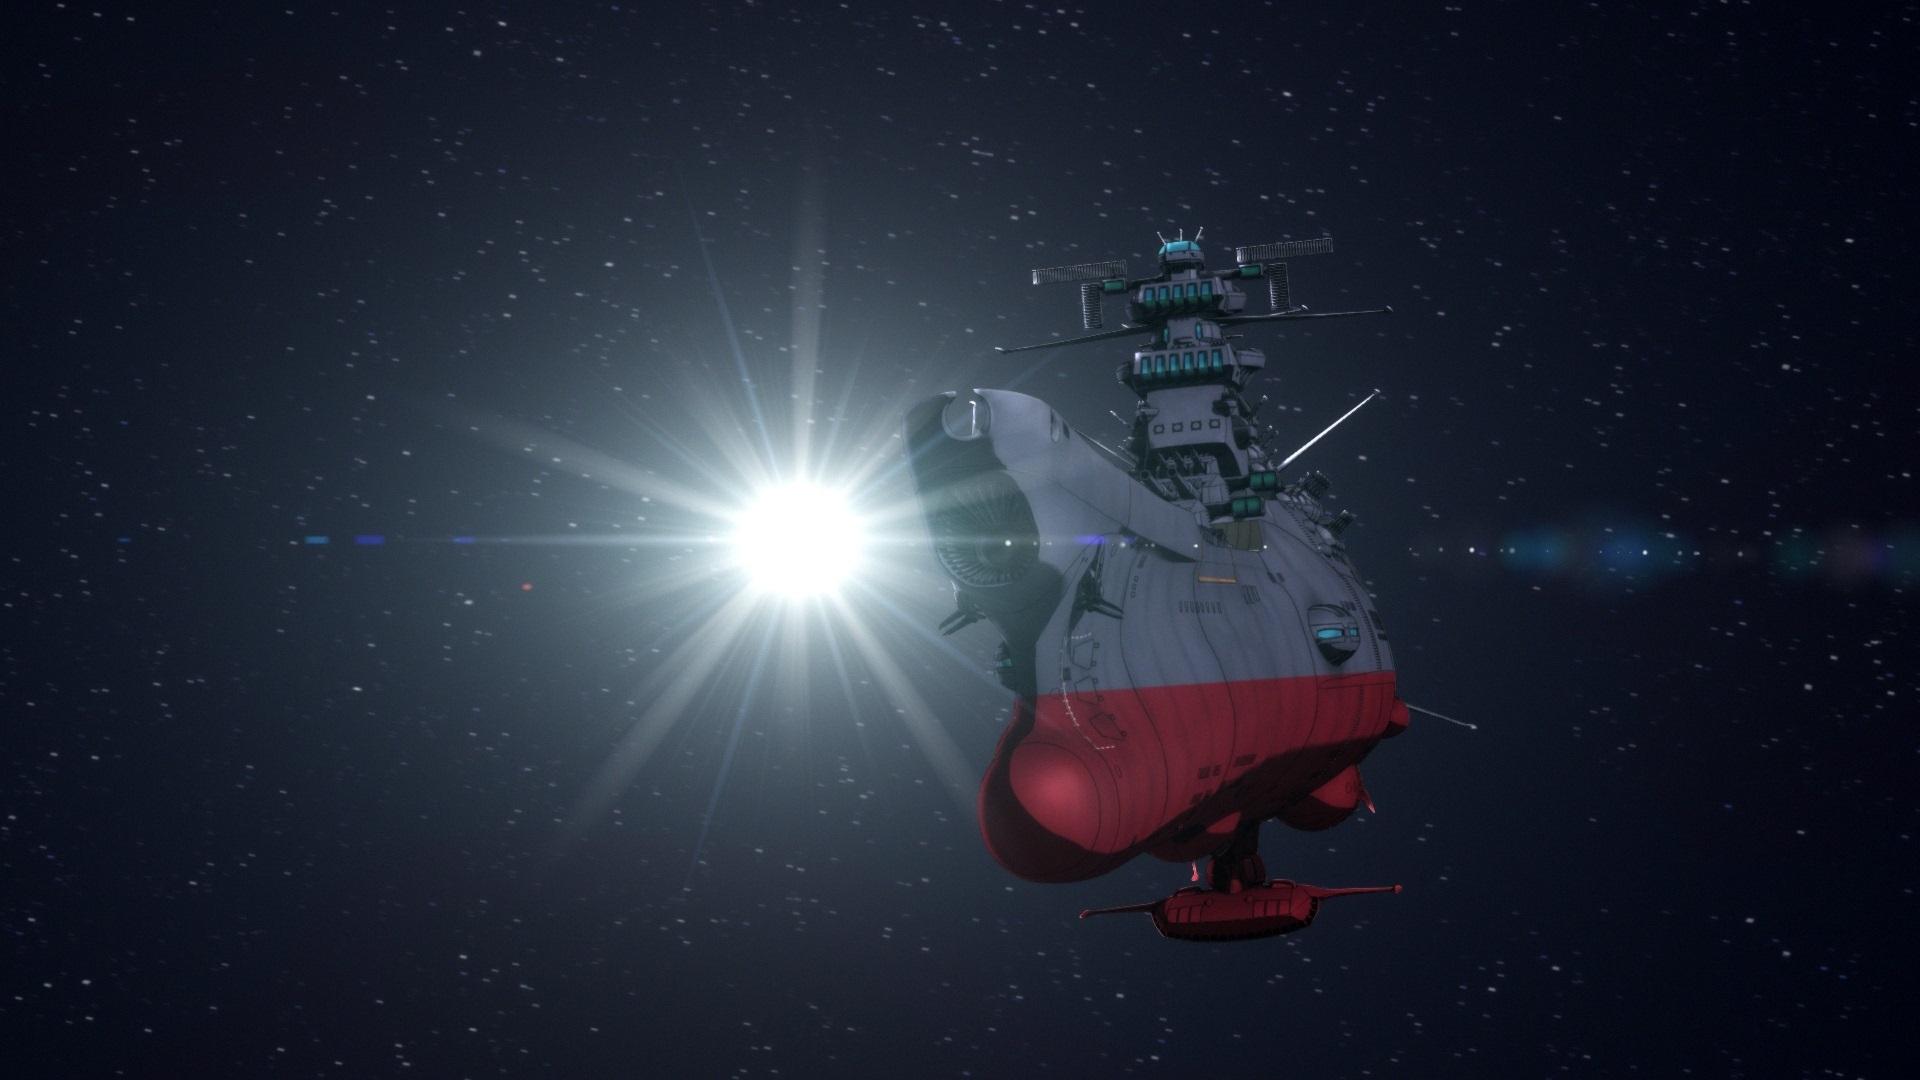 『宇宙戦艦ヤマト2205』 ヤマトーク用冒頭場面カット (c)西﨑義展/宇宙戦艦ヤマト2205製作委員会